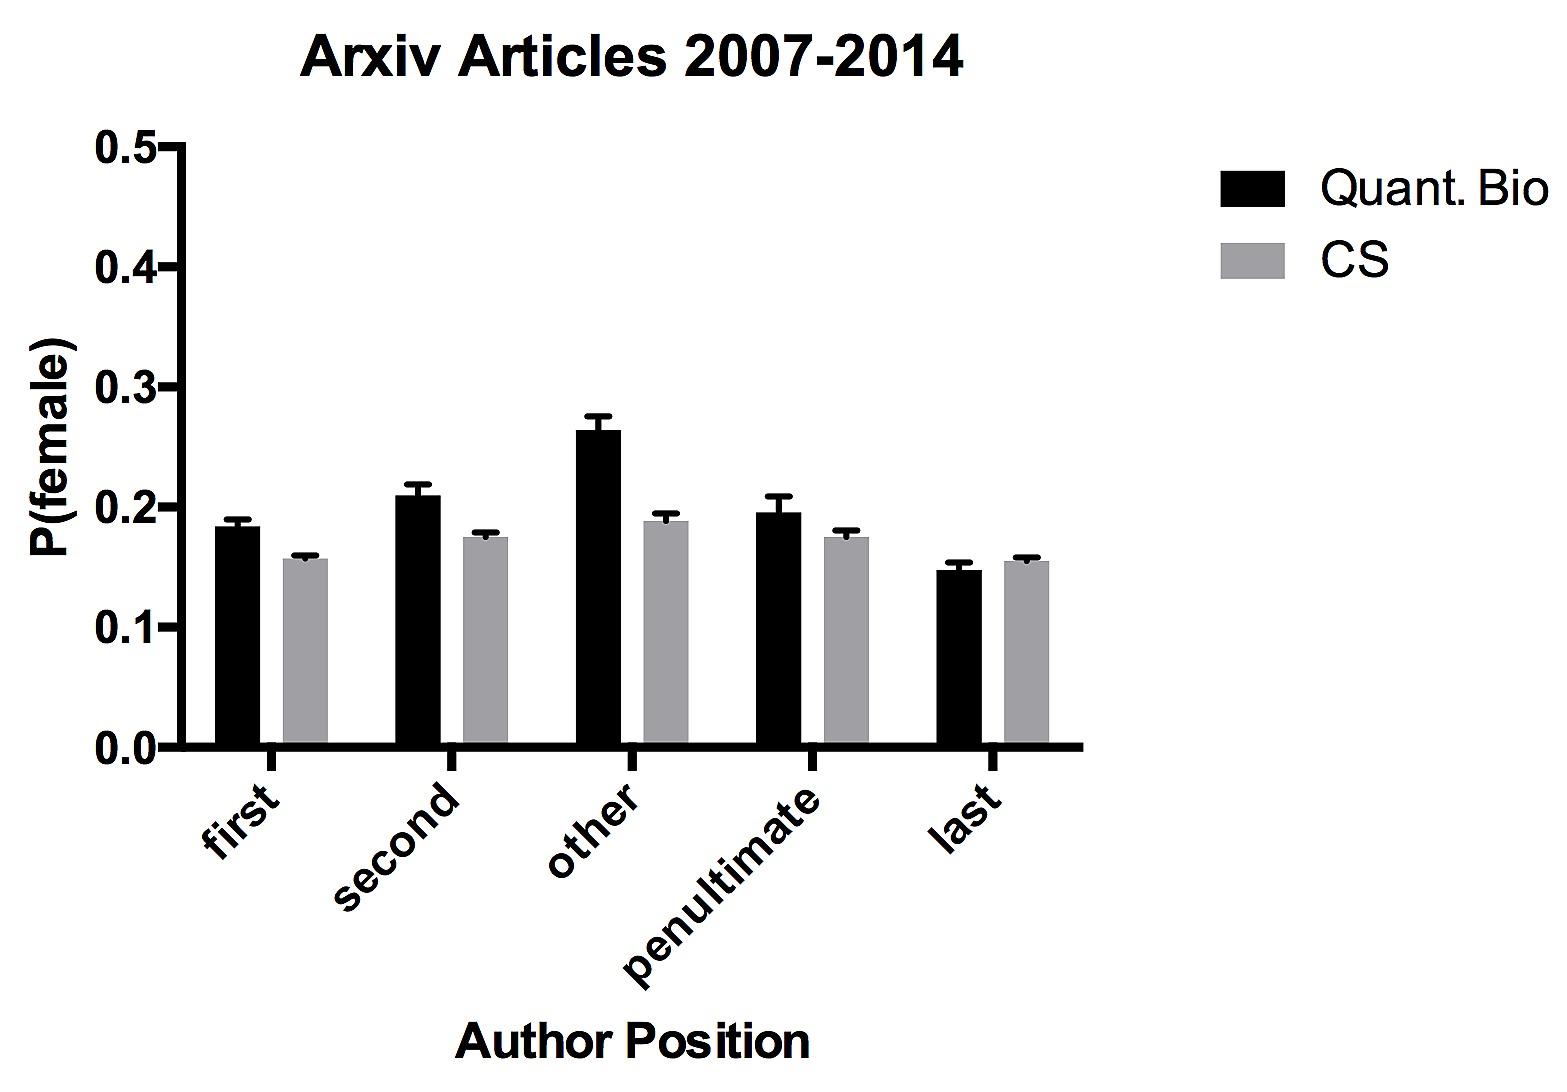 Gender in arXiv